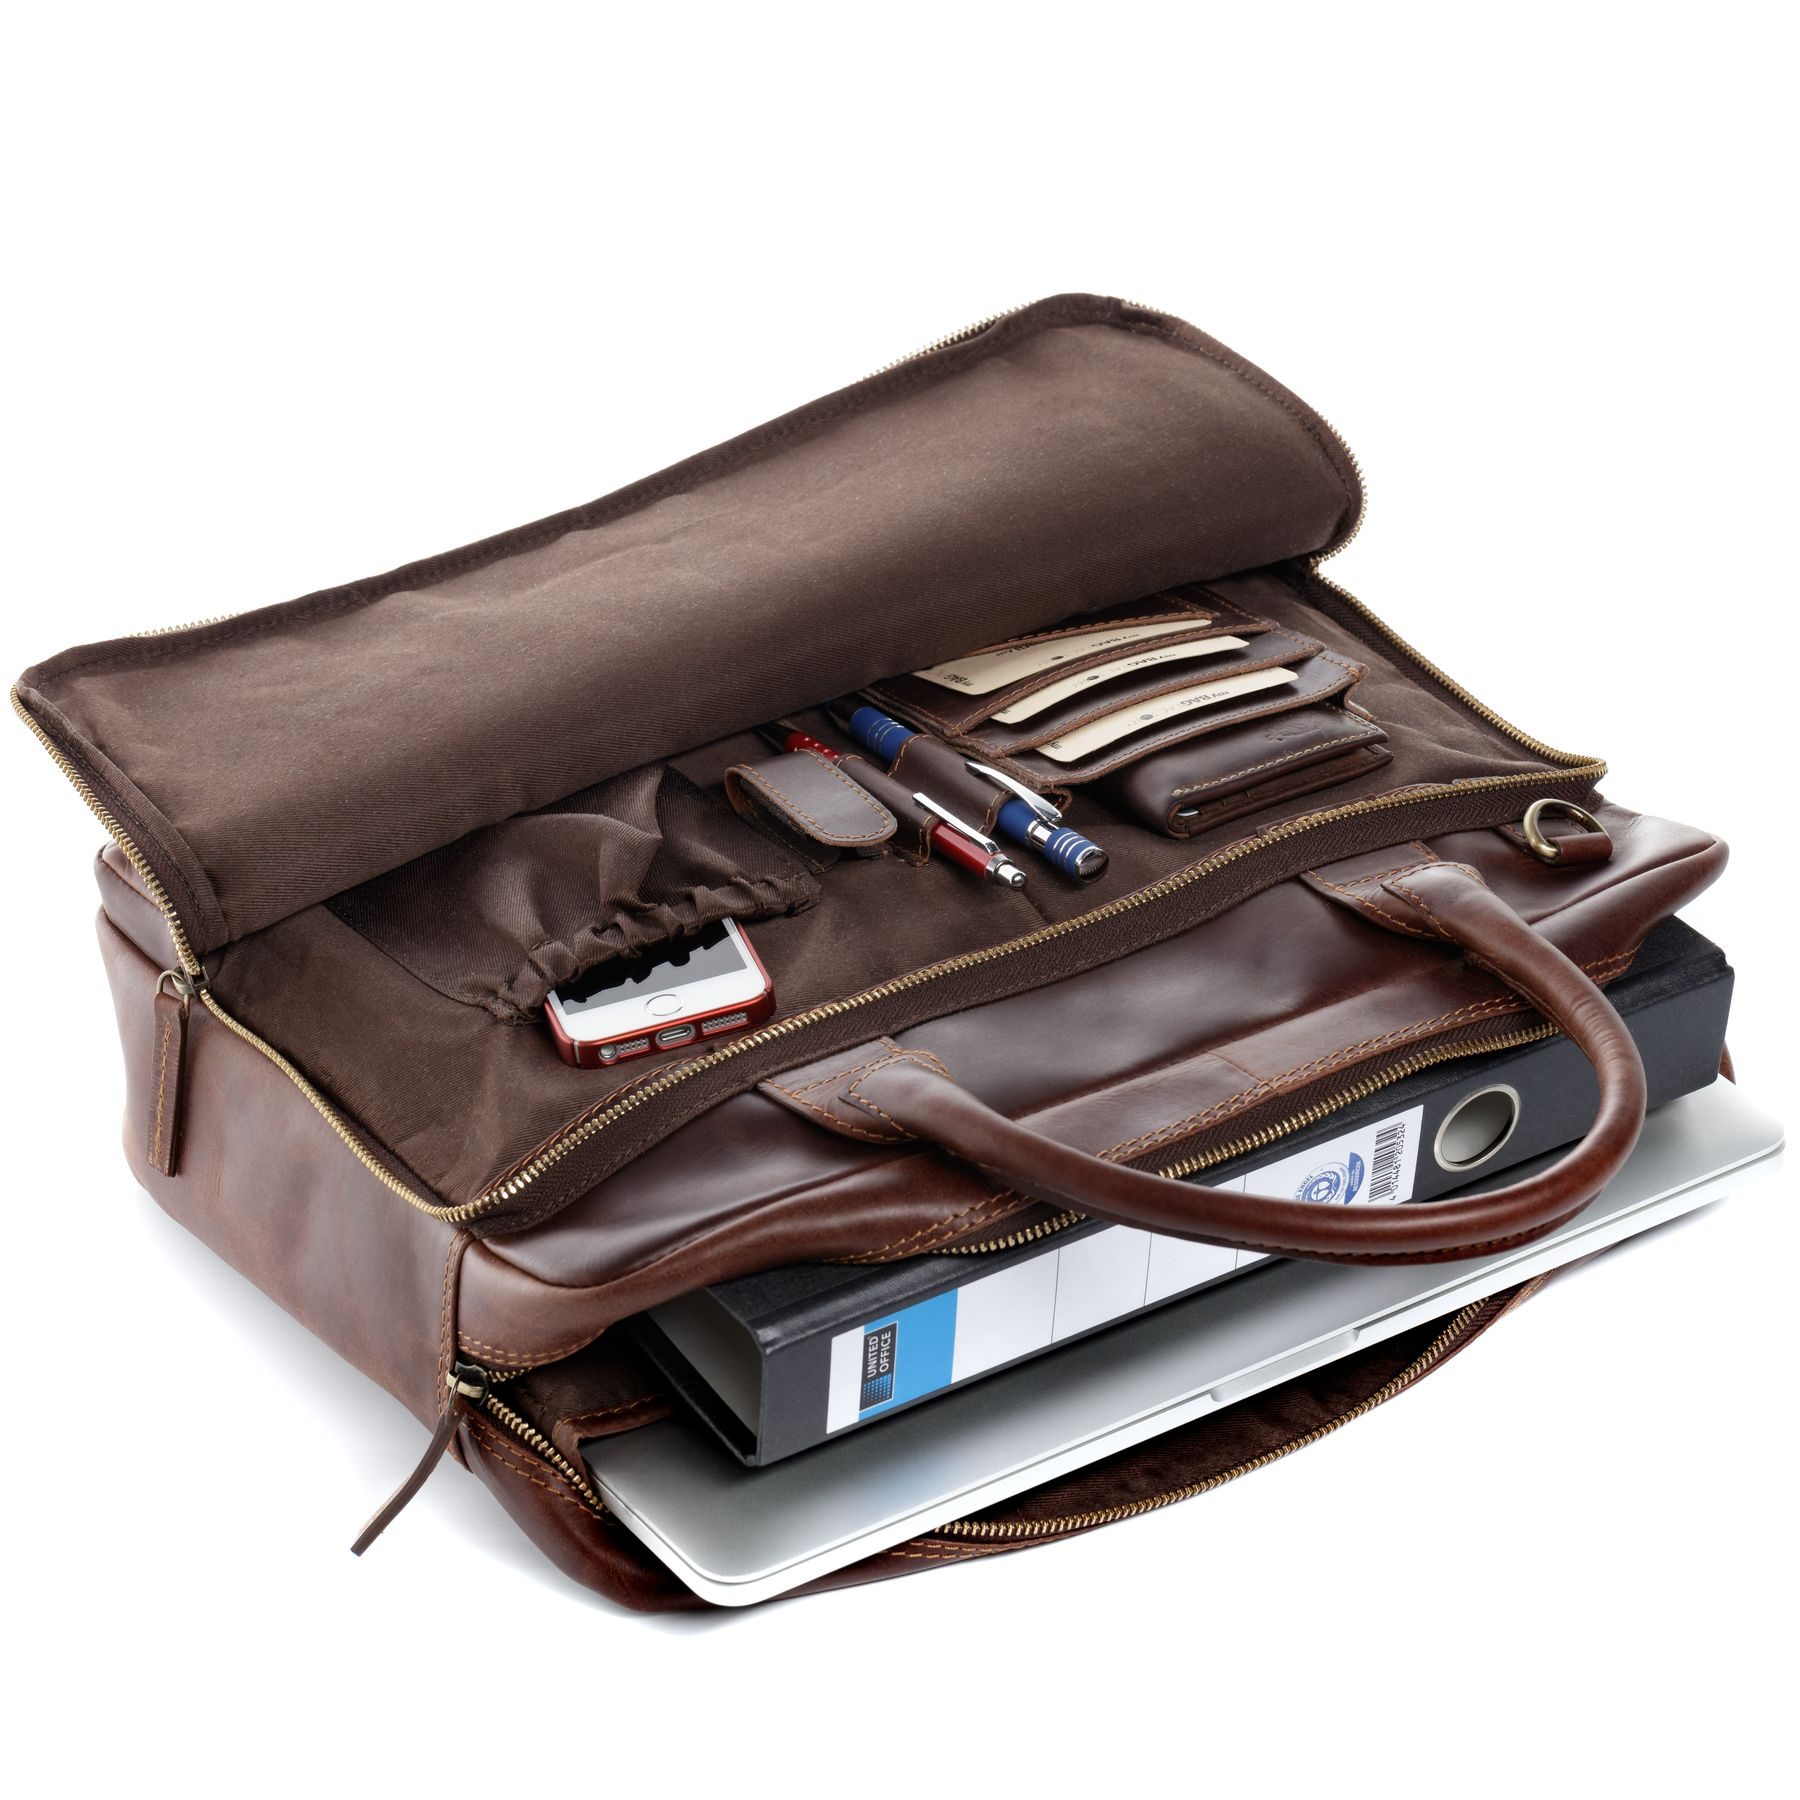 ccfc8a73944 SID & VAIN Laptoptas RYAN Businesstas natuurlijk leer bruin NIEUW